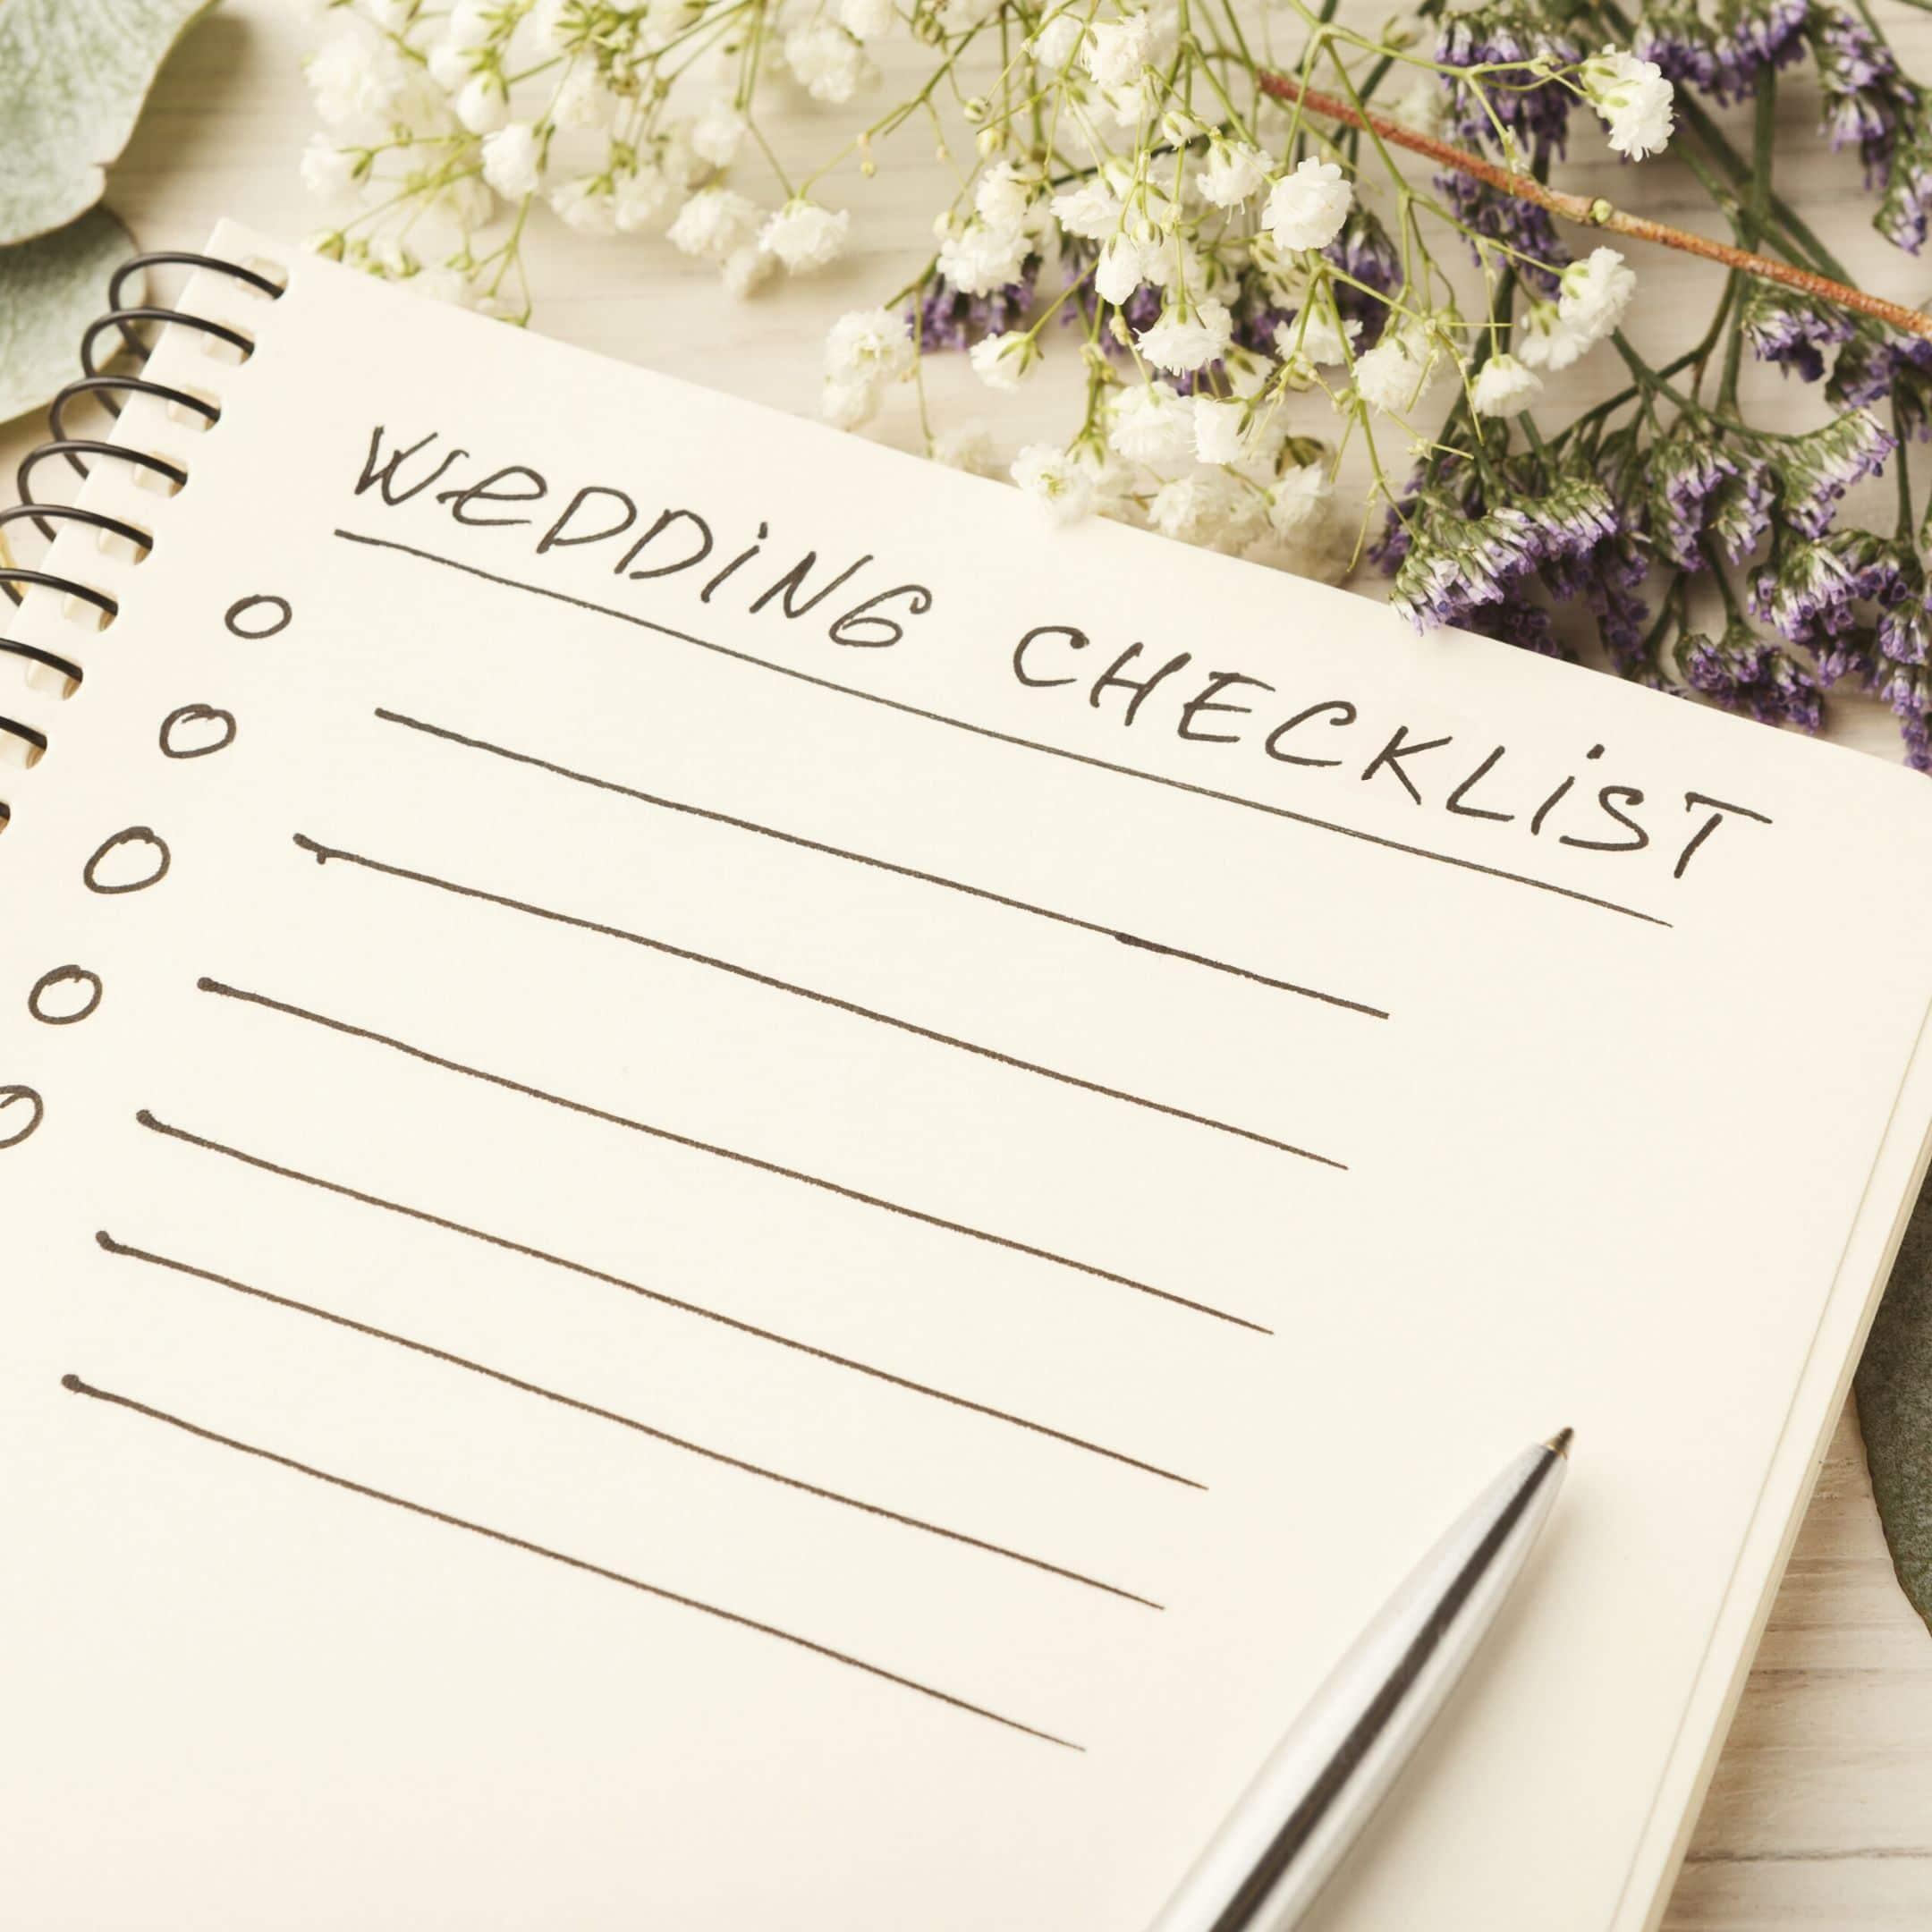 Cặp đôi khéo học tập ngay cách lên kế hoạch tổ chức tiệc cưới này đảm bảo tiết kiệm tối đa chi phí tổ chức - Ảnh 2.